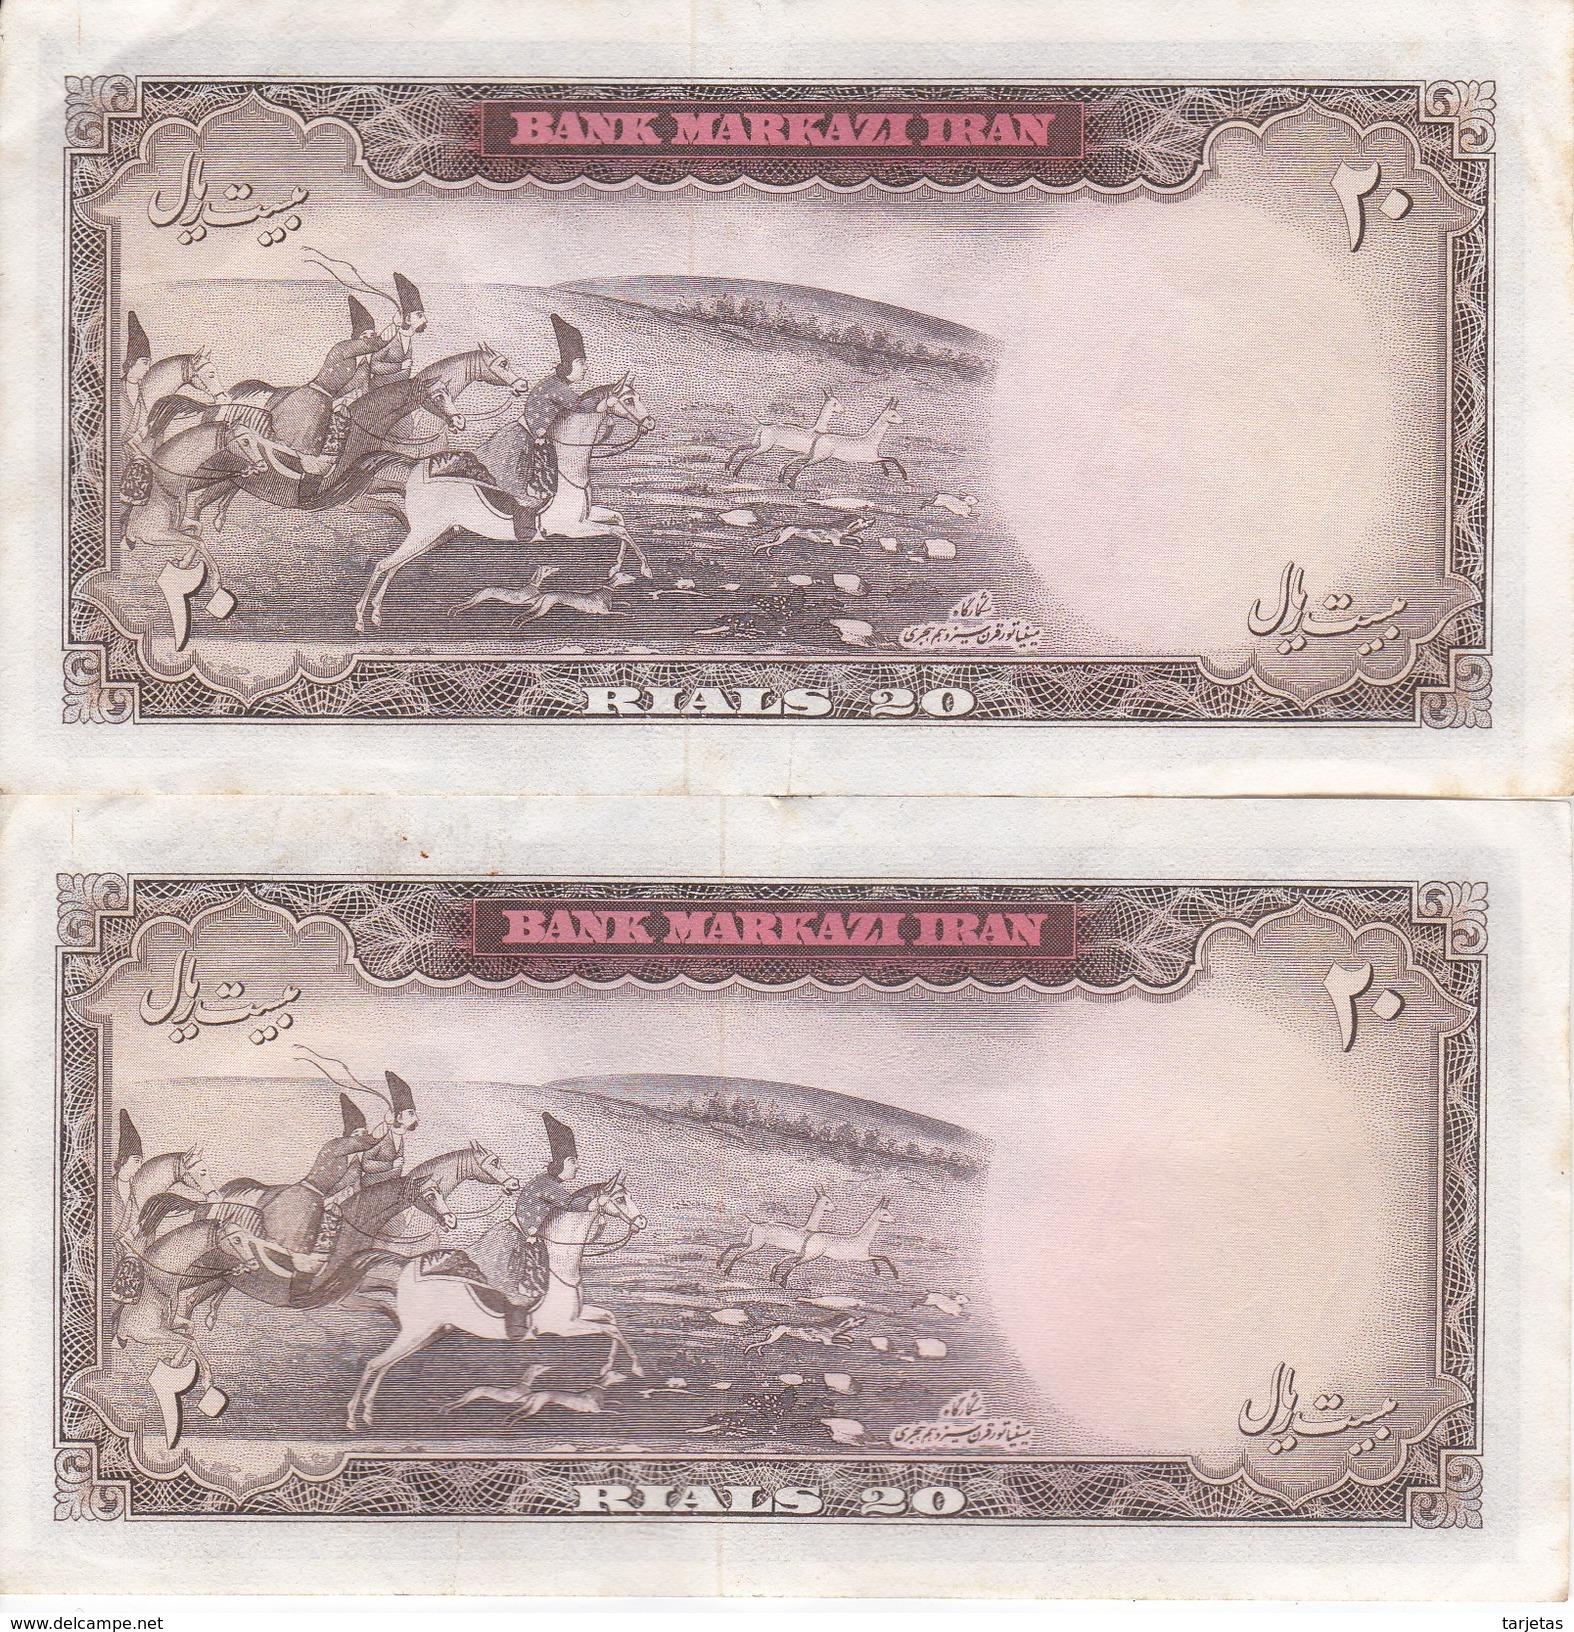 PAREJA CORRELATIVA DE IRAN DE 20 RIALS DEL AÑO 1969 EN CALIDAD EBC (XF) (BANKNOTE) - Irán